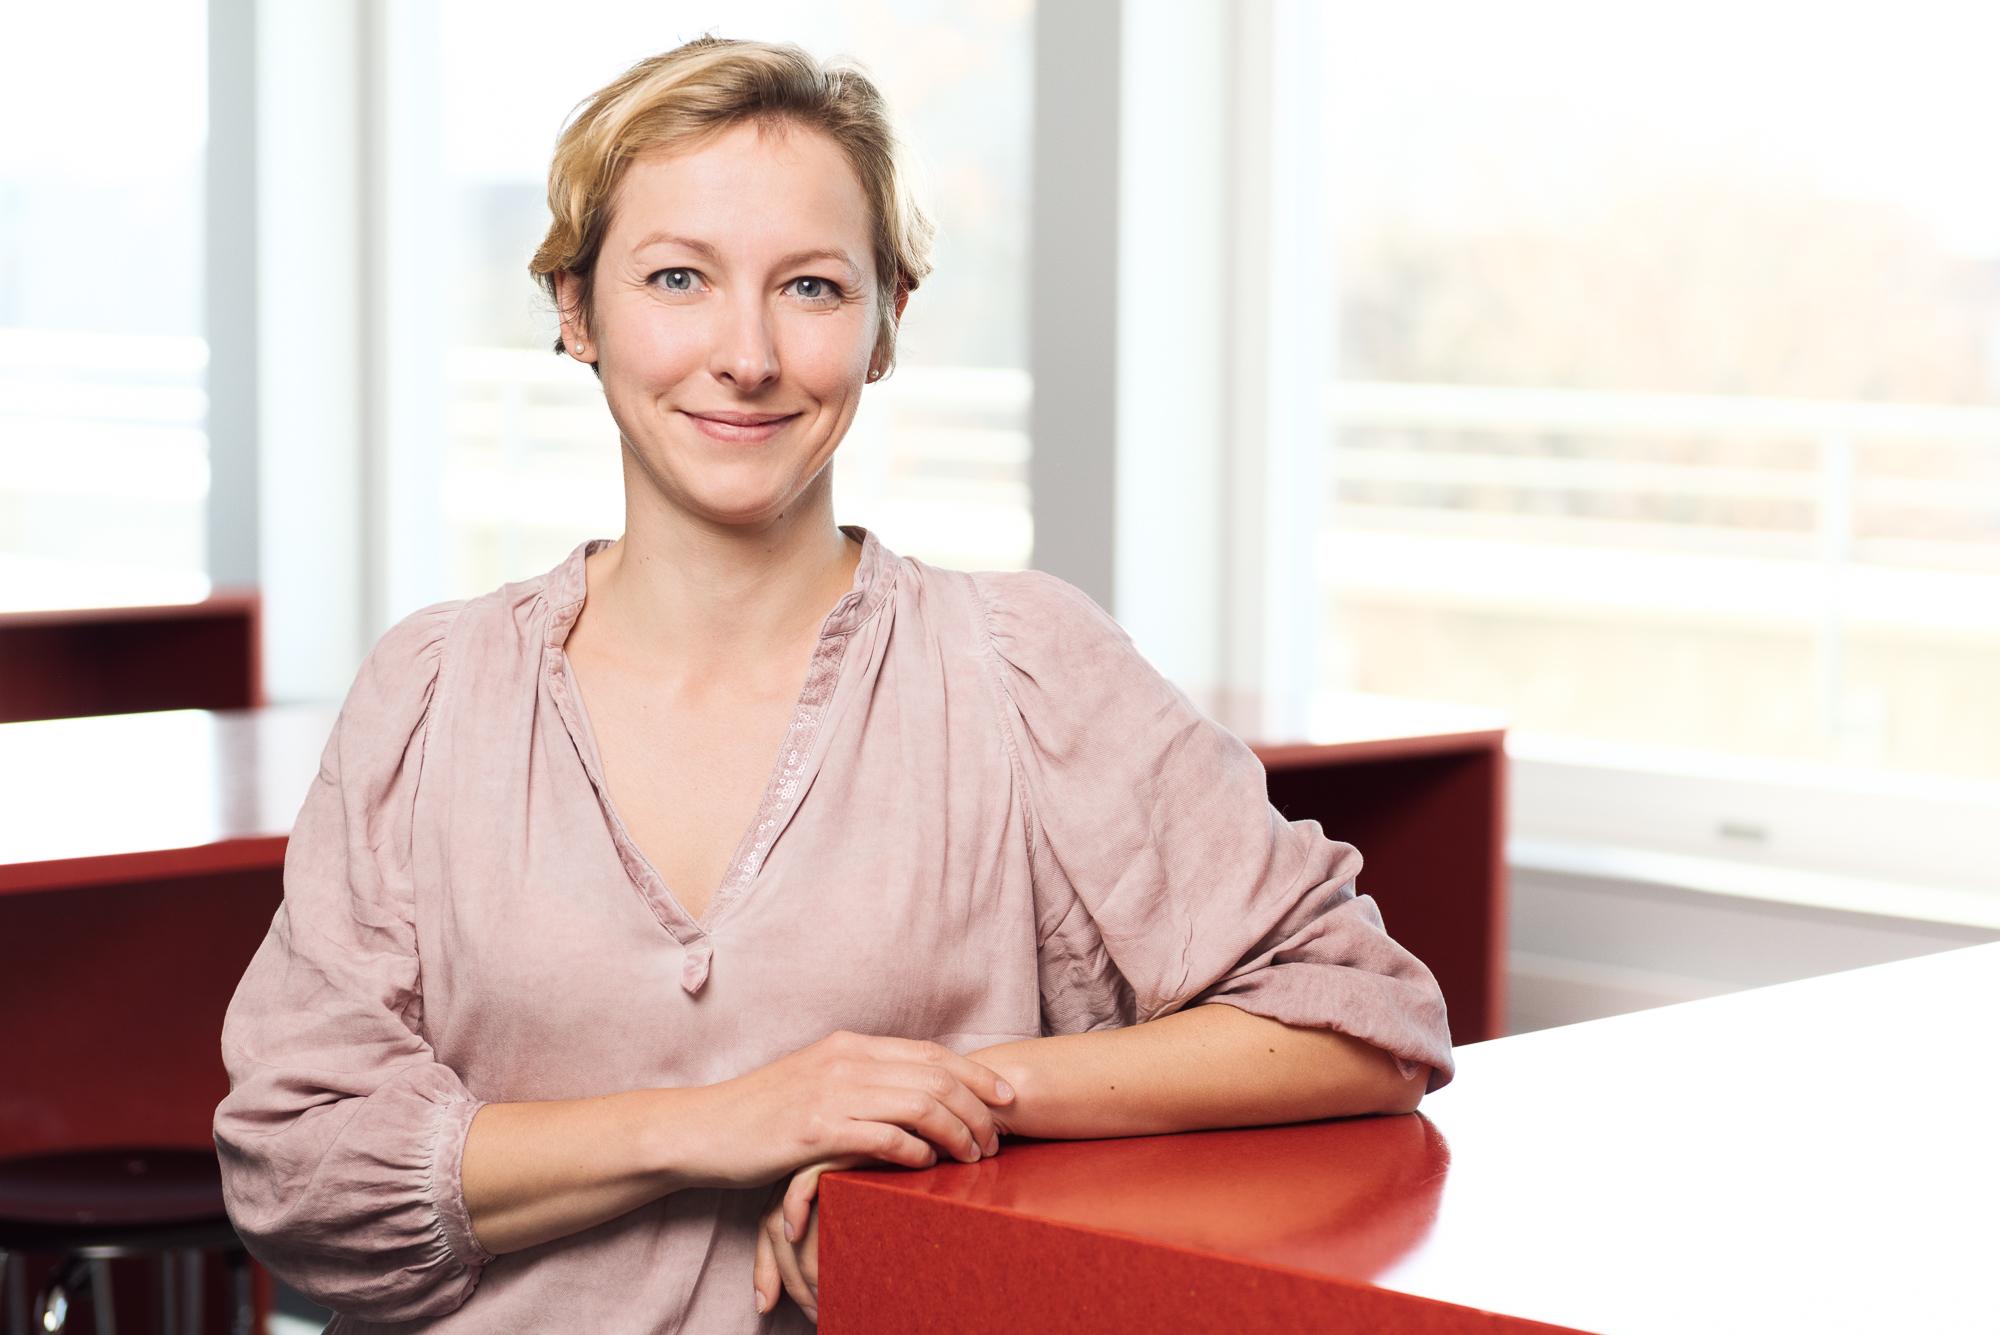 Christine Göpfert, Dr. med. vet., PhD, Dipl. ECVP